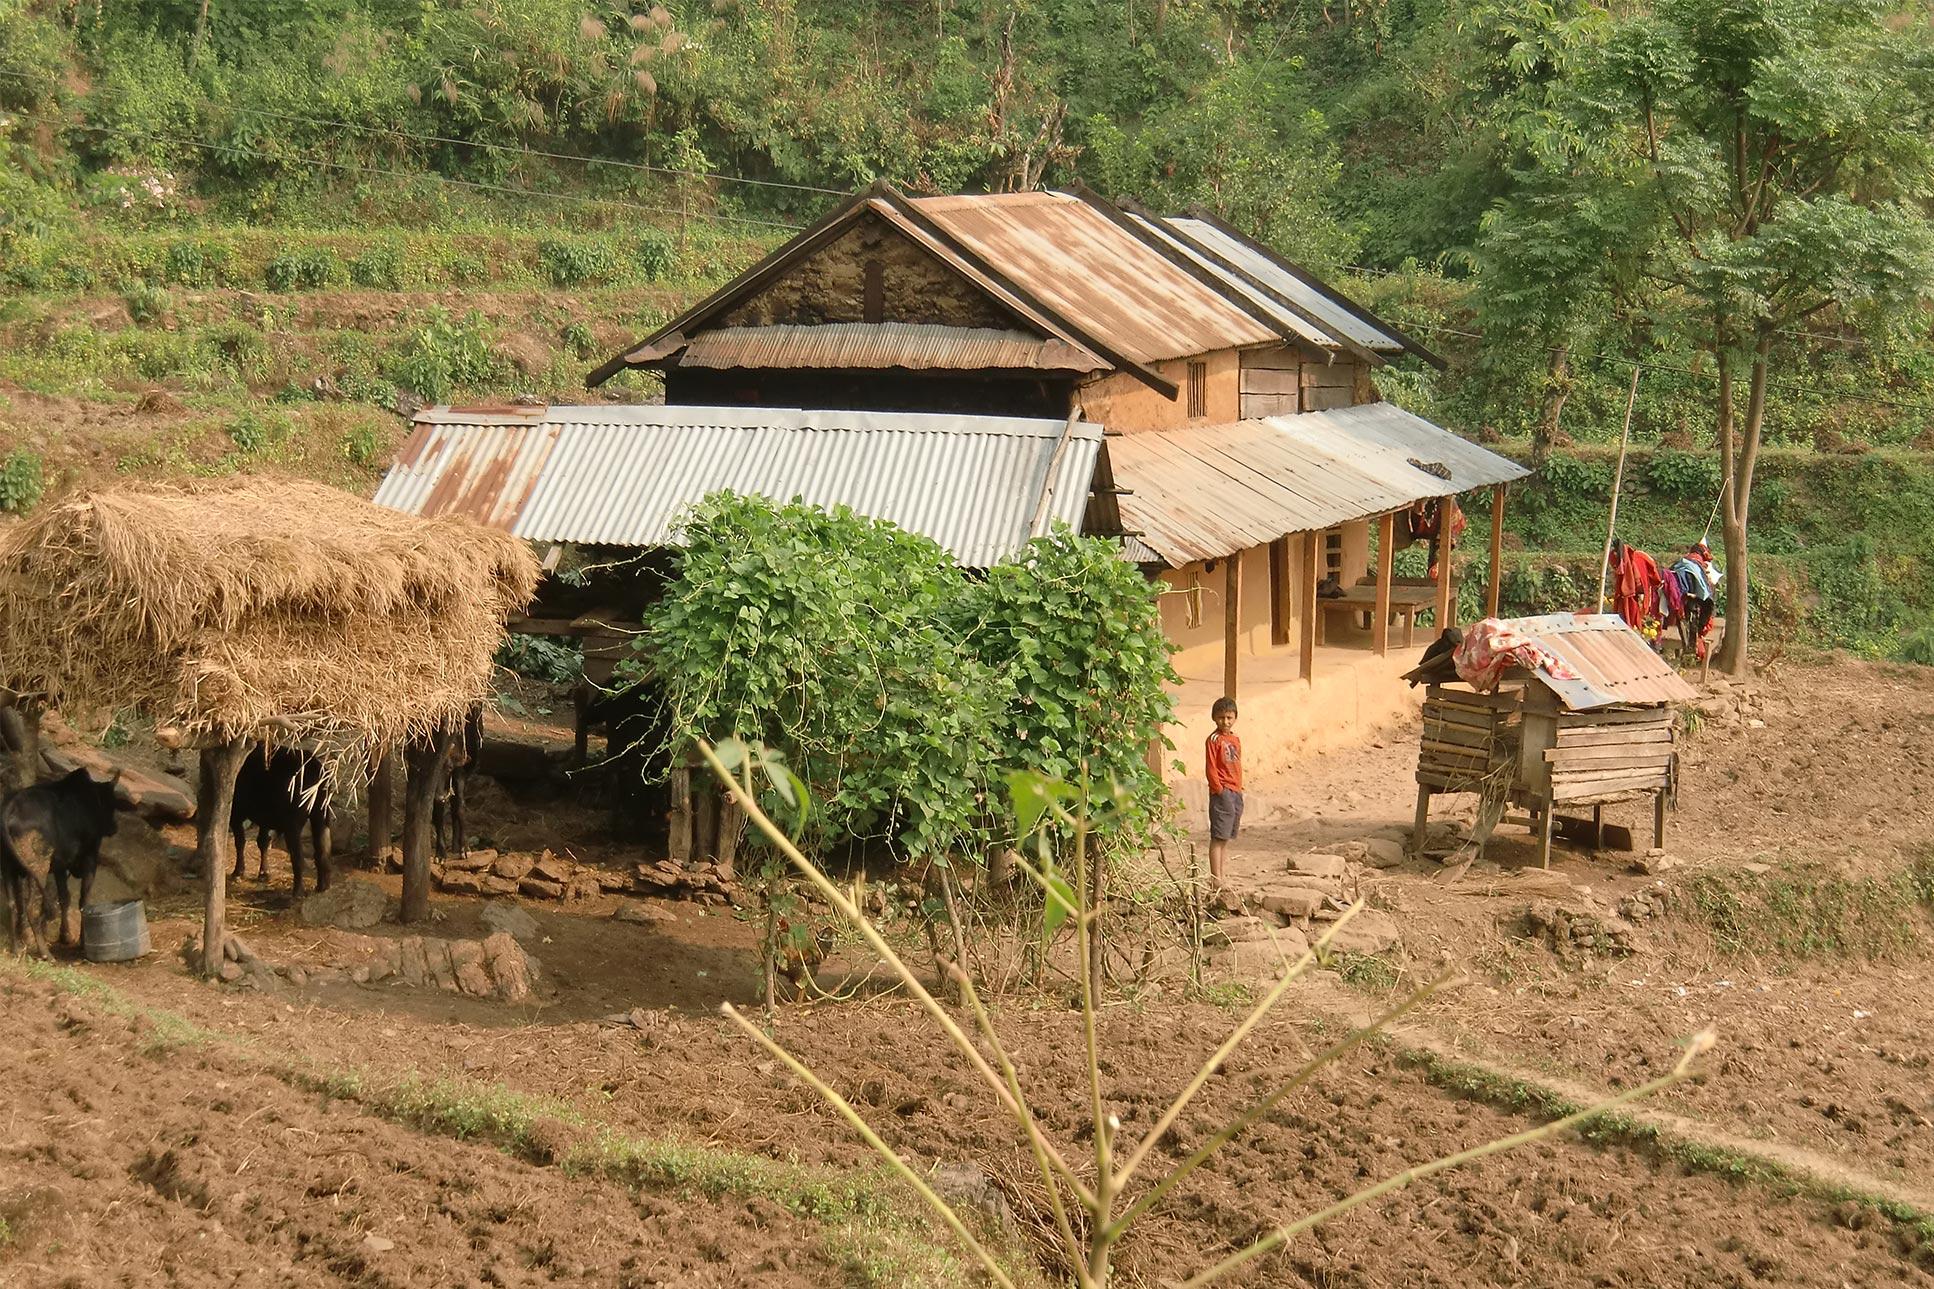 Braunes Haus der Bauern mit Boden und Natur außenrum